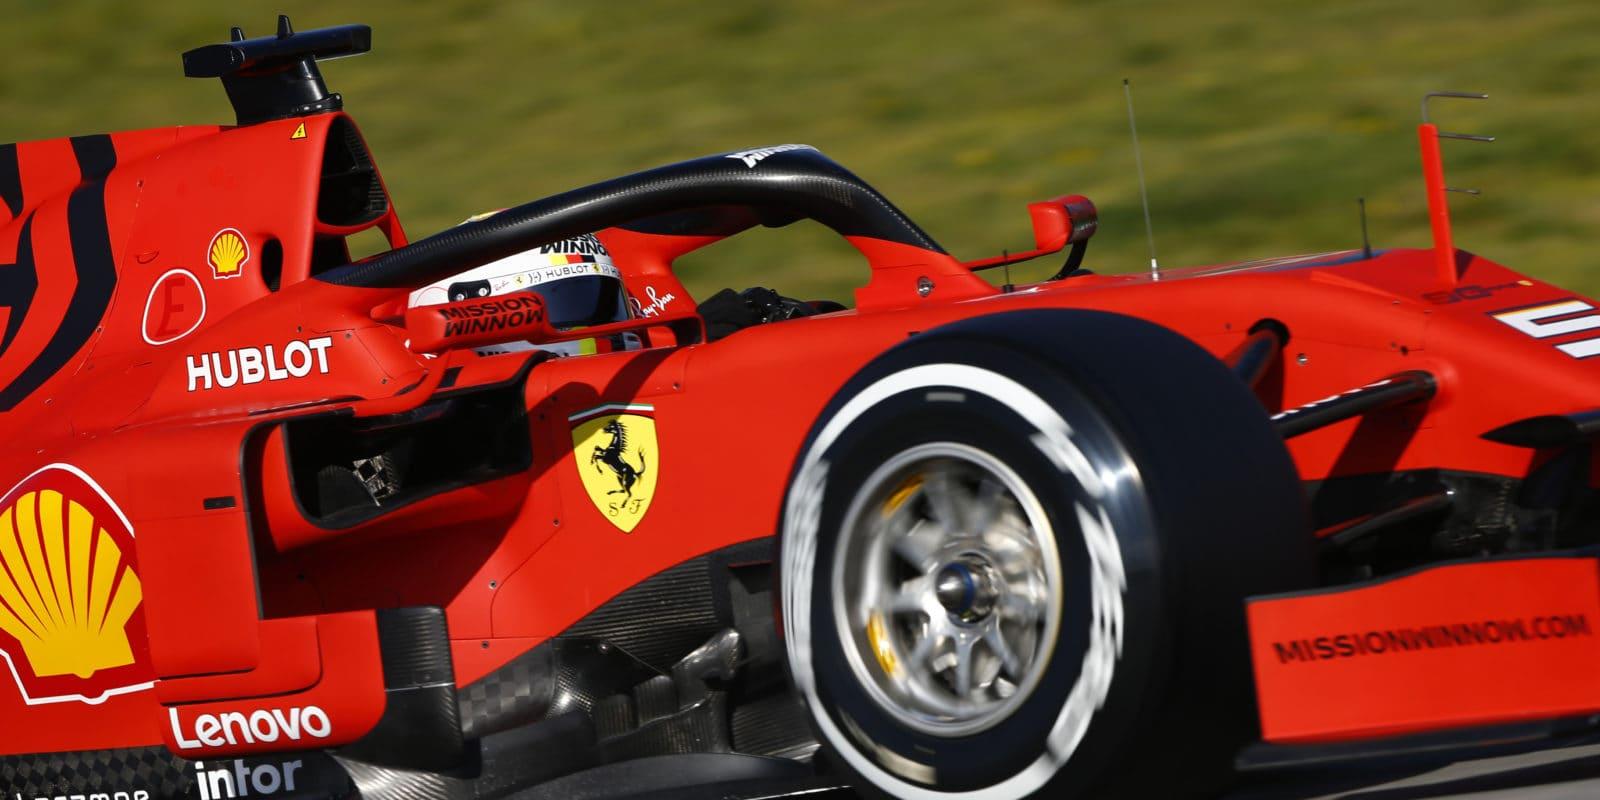 Předsezónní testy zahájil nejrychlejším časem Vettel